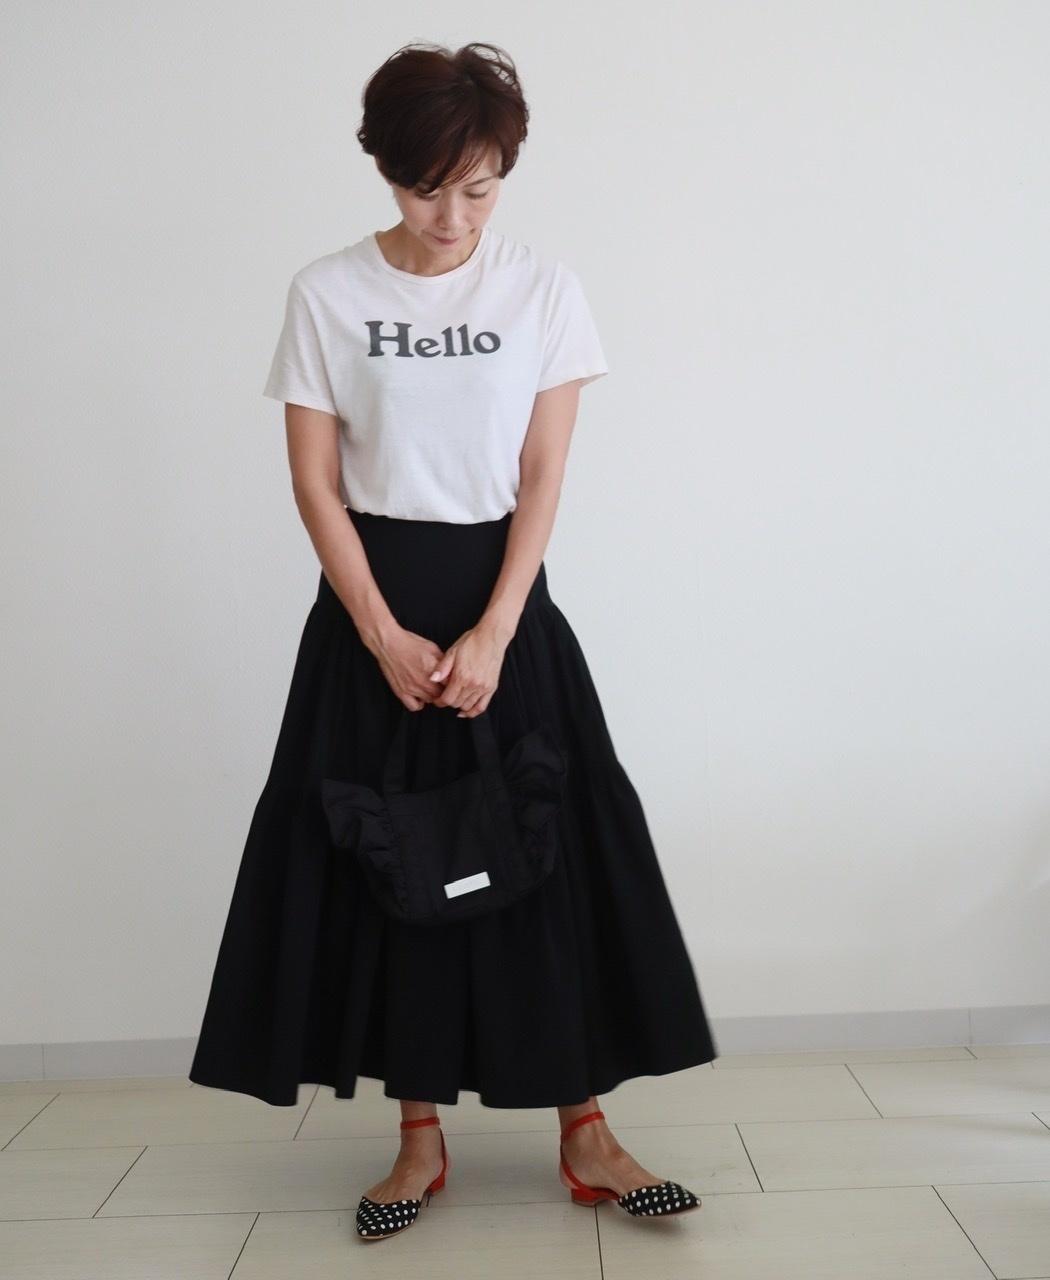 アラフィー読者ブロガーの涼やかに華やぐ『夏の大人スカート』特集